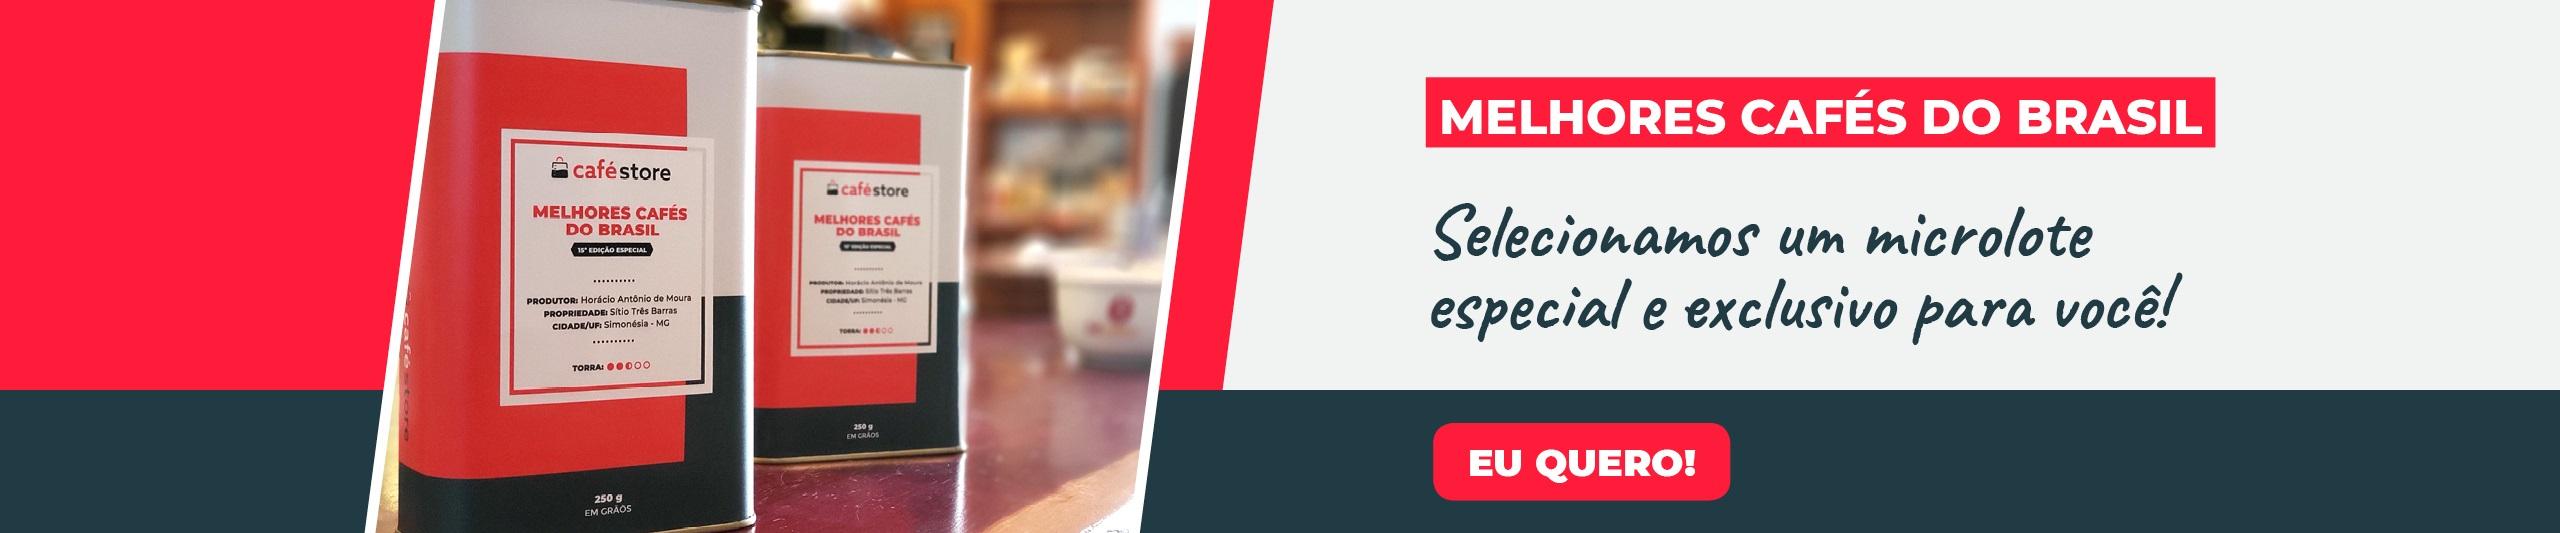 Banner melhores cafés